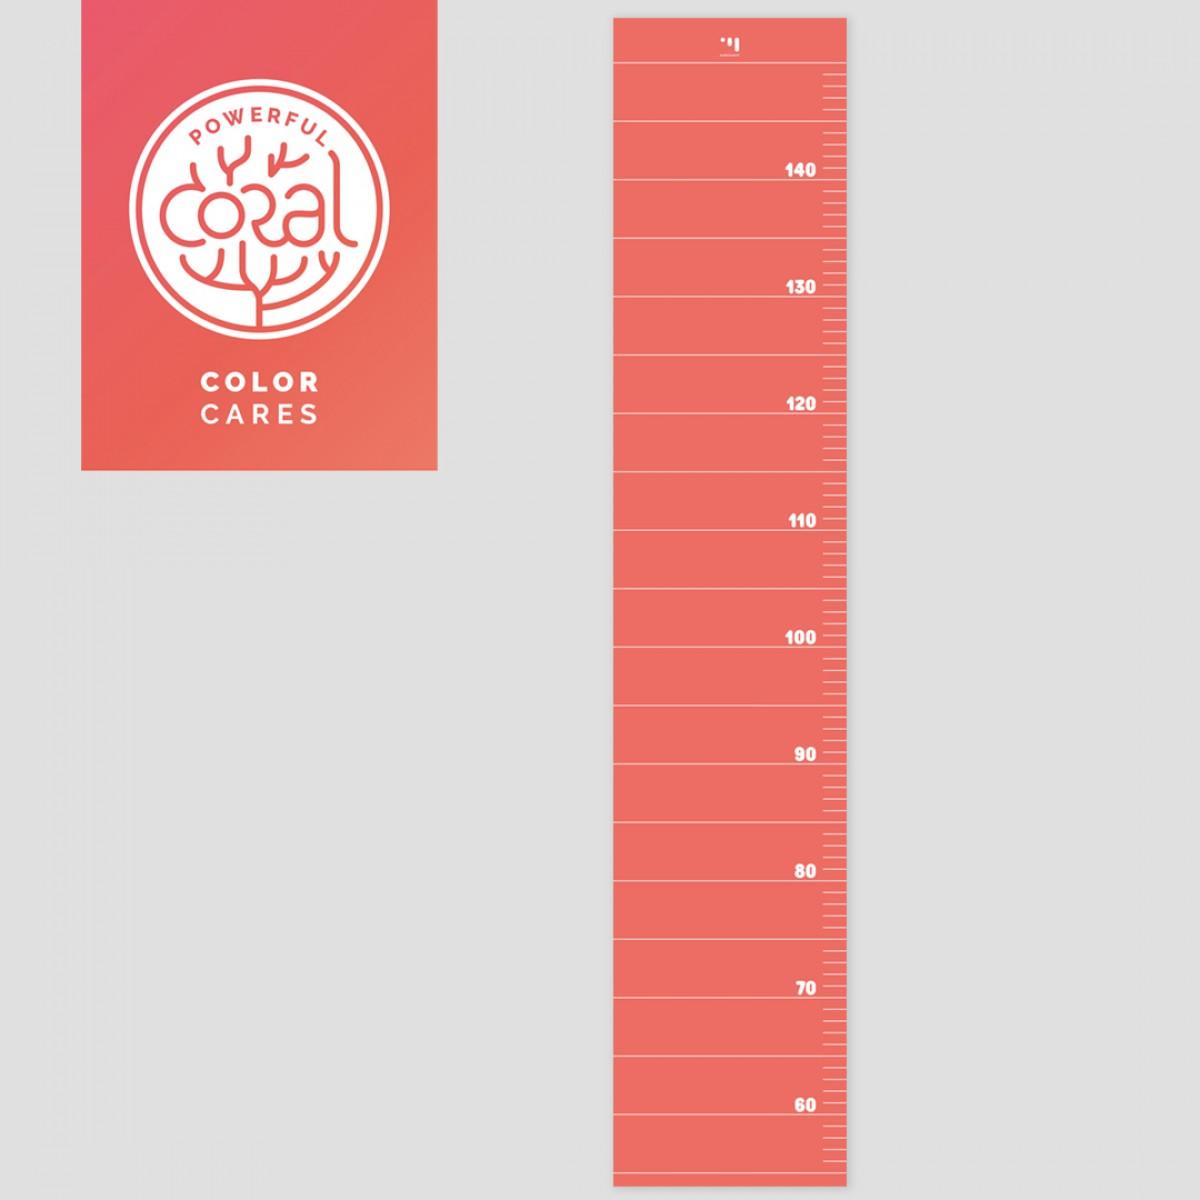 punktkommastrich - Messlatte für Kinder - living coral